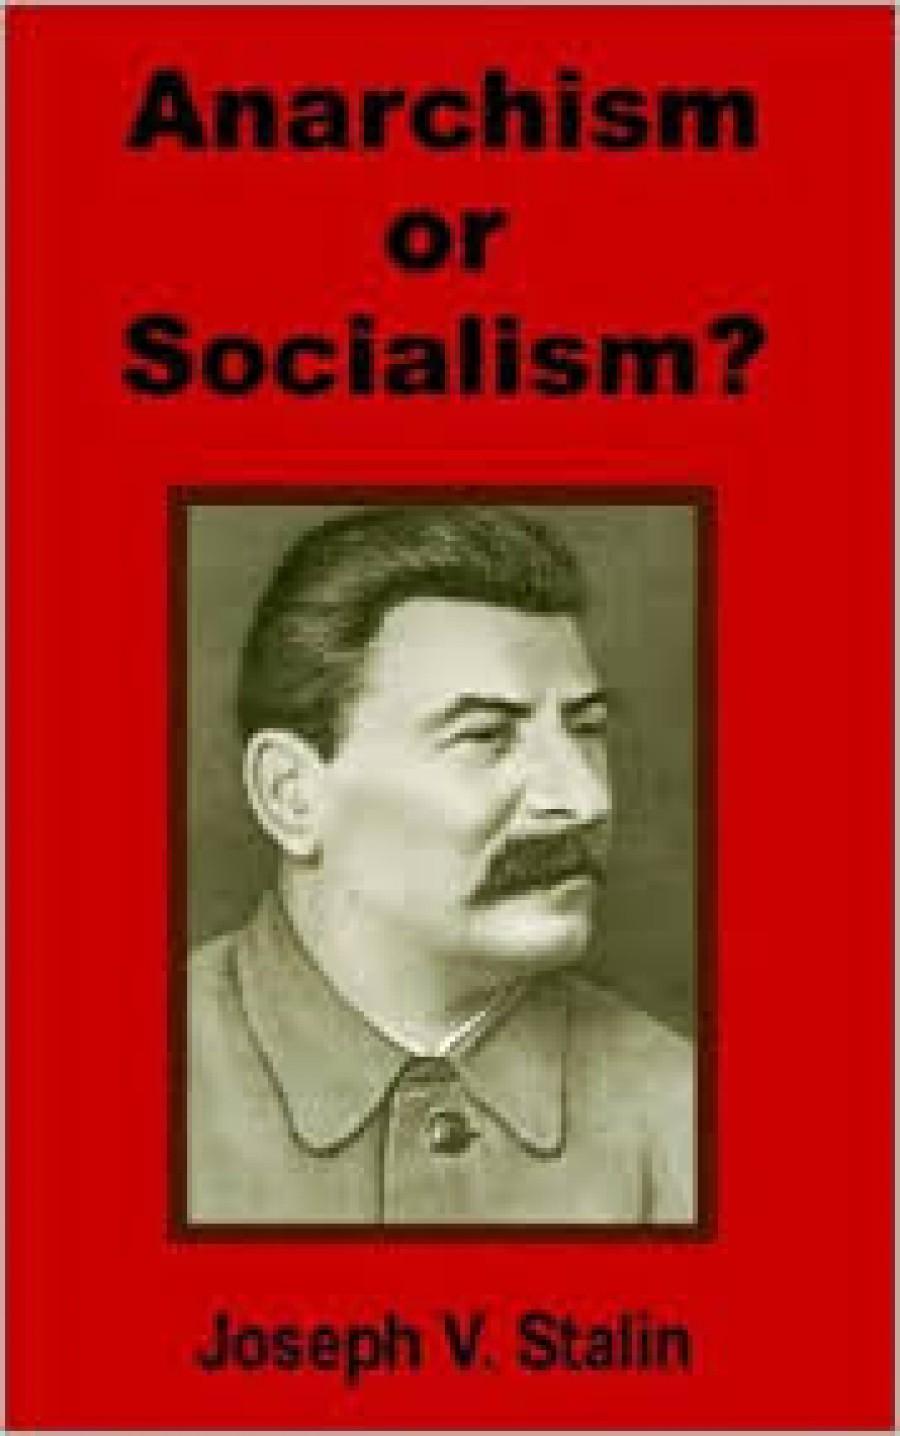 Osmdesátistránovou Stalinovu brožuru Anarchismus nebo socialismus napsal roku 1906, avšak autorem plánovanému pokračovaní zamezilo zatčení a pezekuce, přičemž poznámky k posledním kapitolám se ztratily po policejní prohlídce.